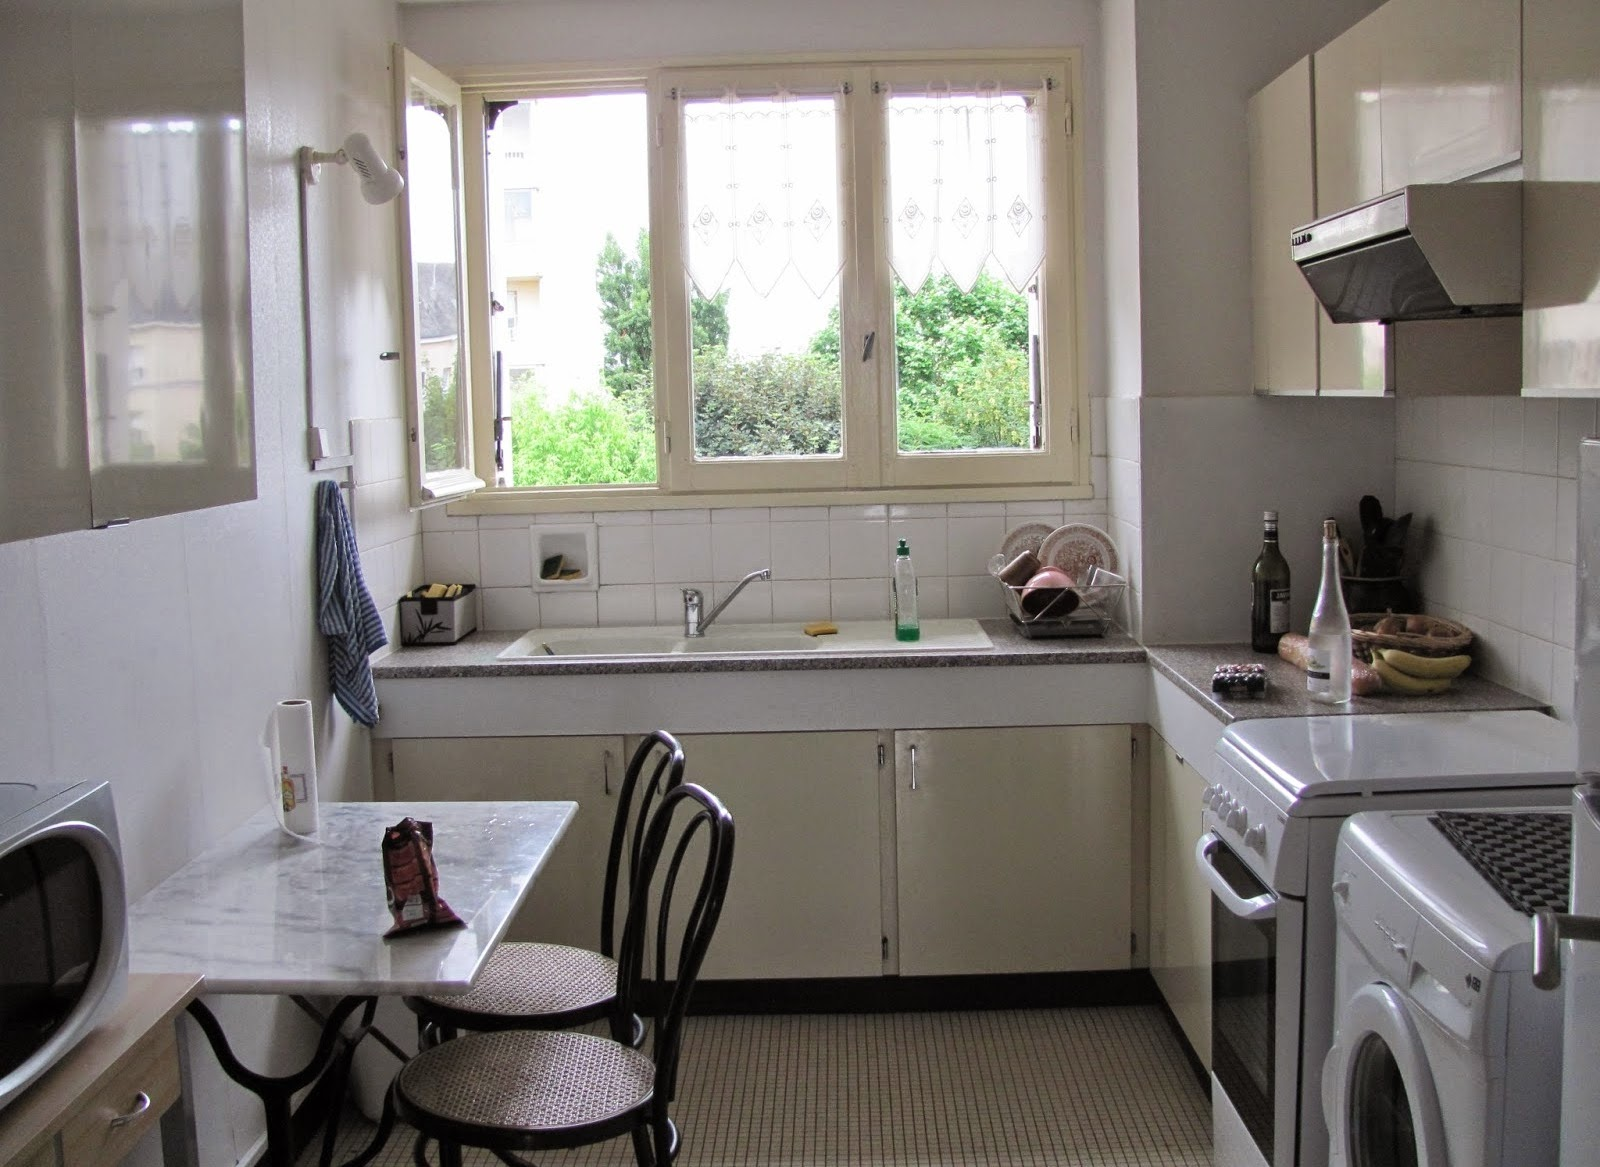 Desain Dapur Sederhana Pada Ruang Sempit